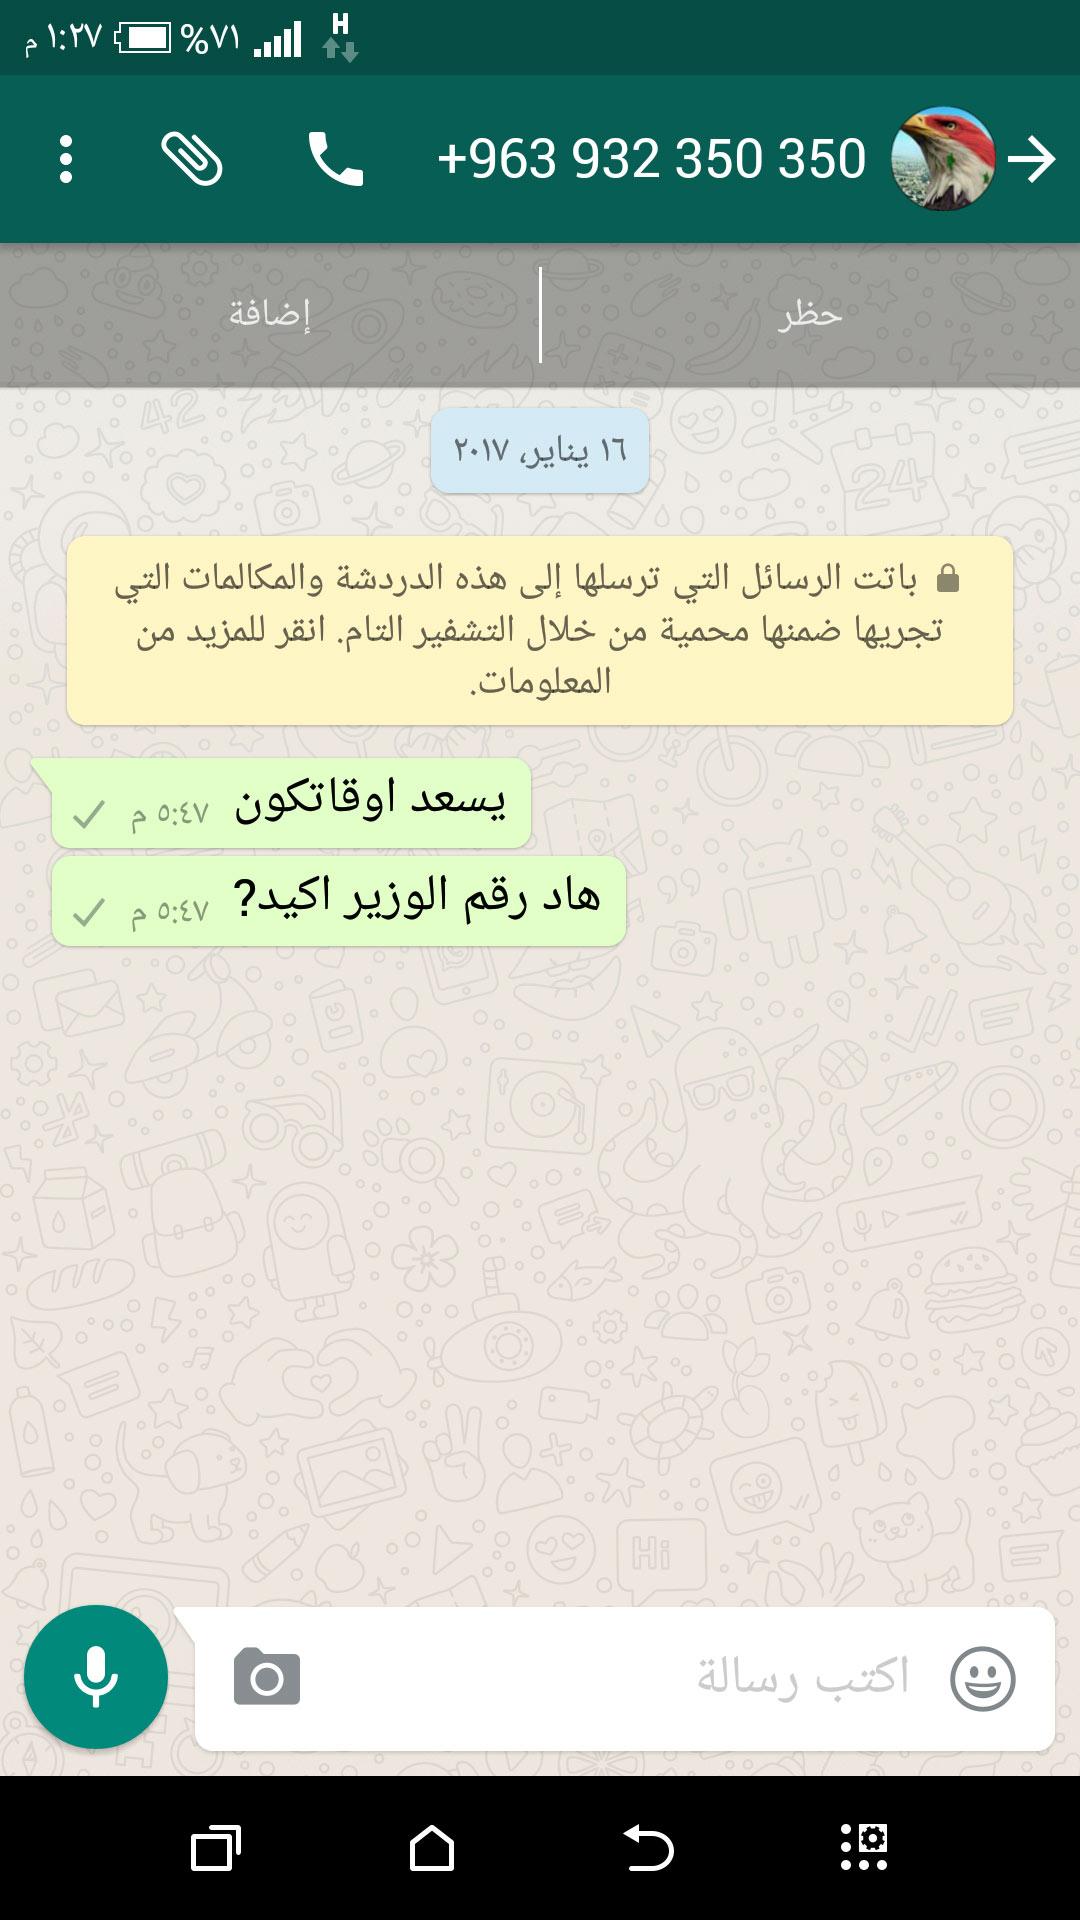 التواصل مع الوزير عبد الله الغربي (عنب بلدي)